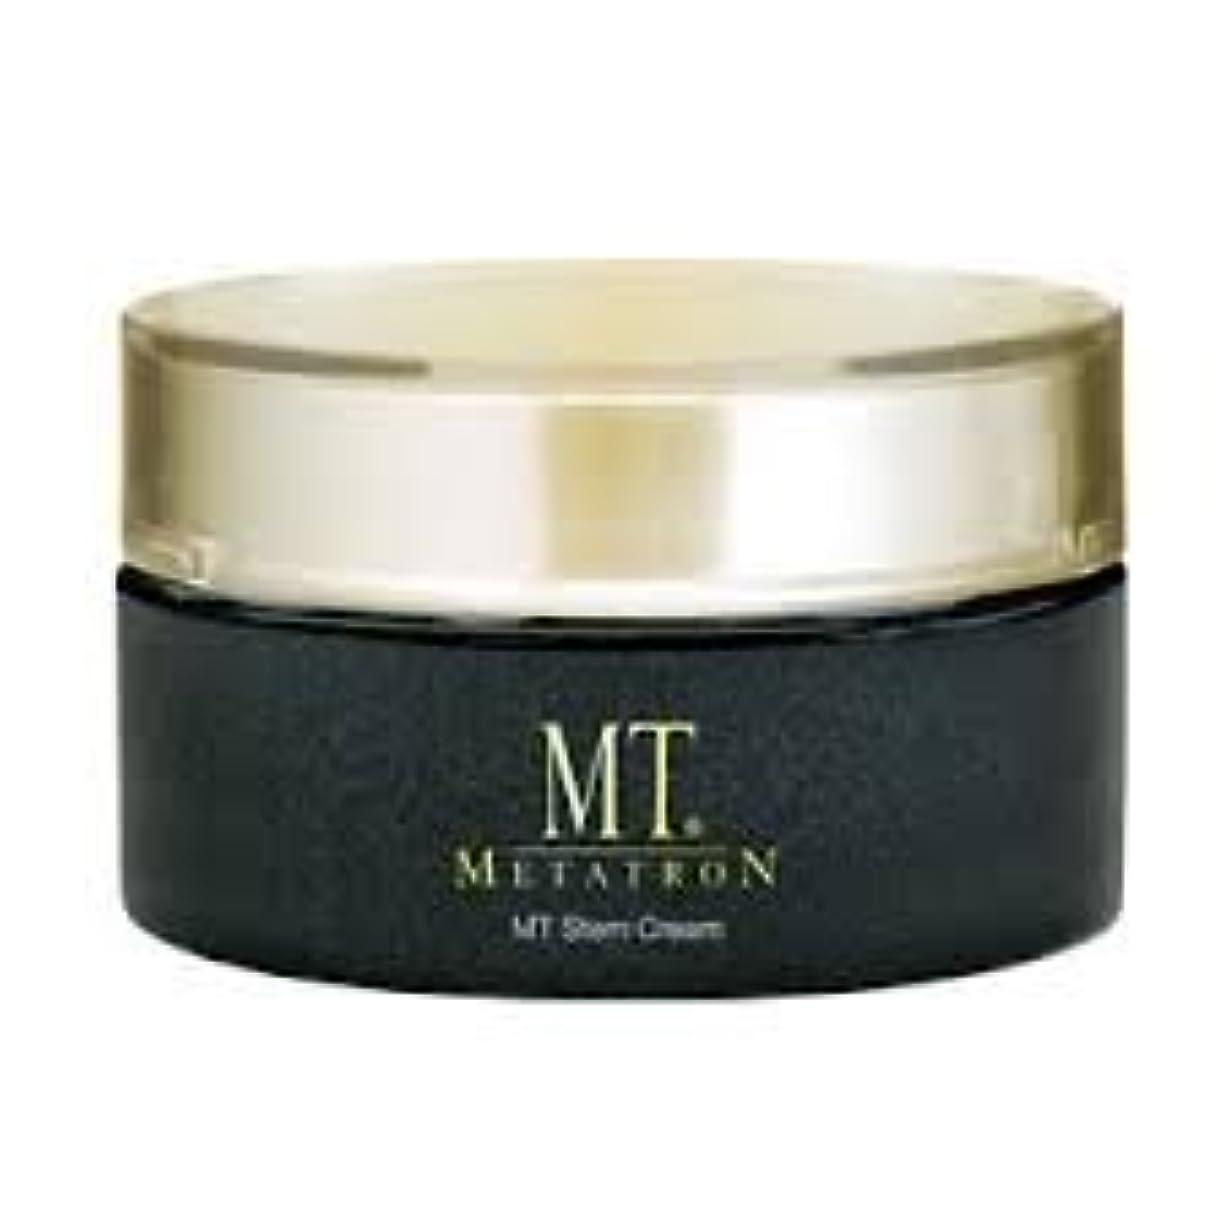 準備奨学金活気づけるMTメタトロン ステムクリーム<保湿クリーム> 30g